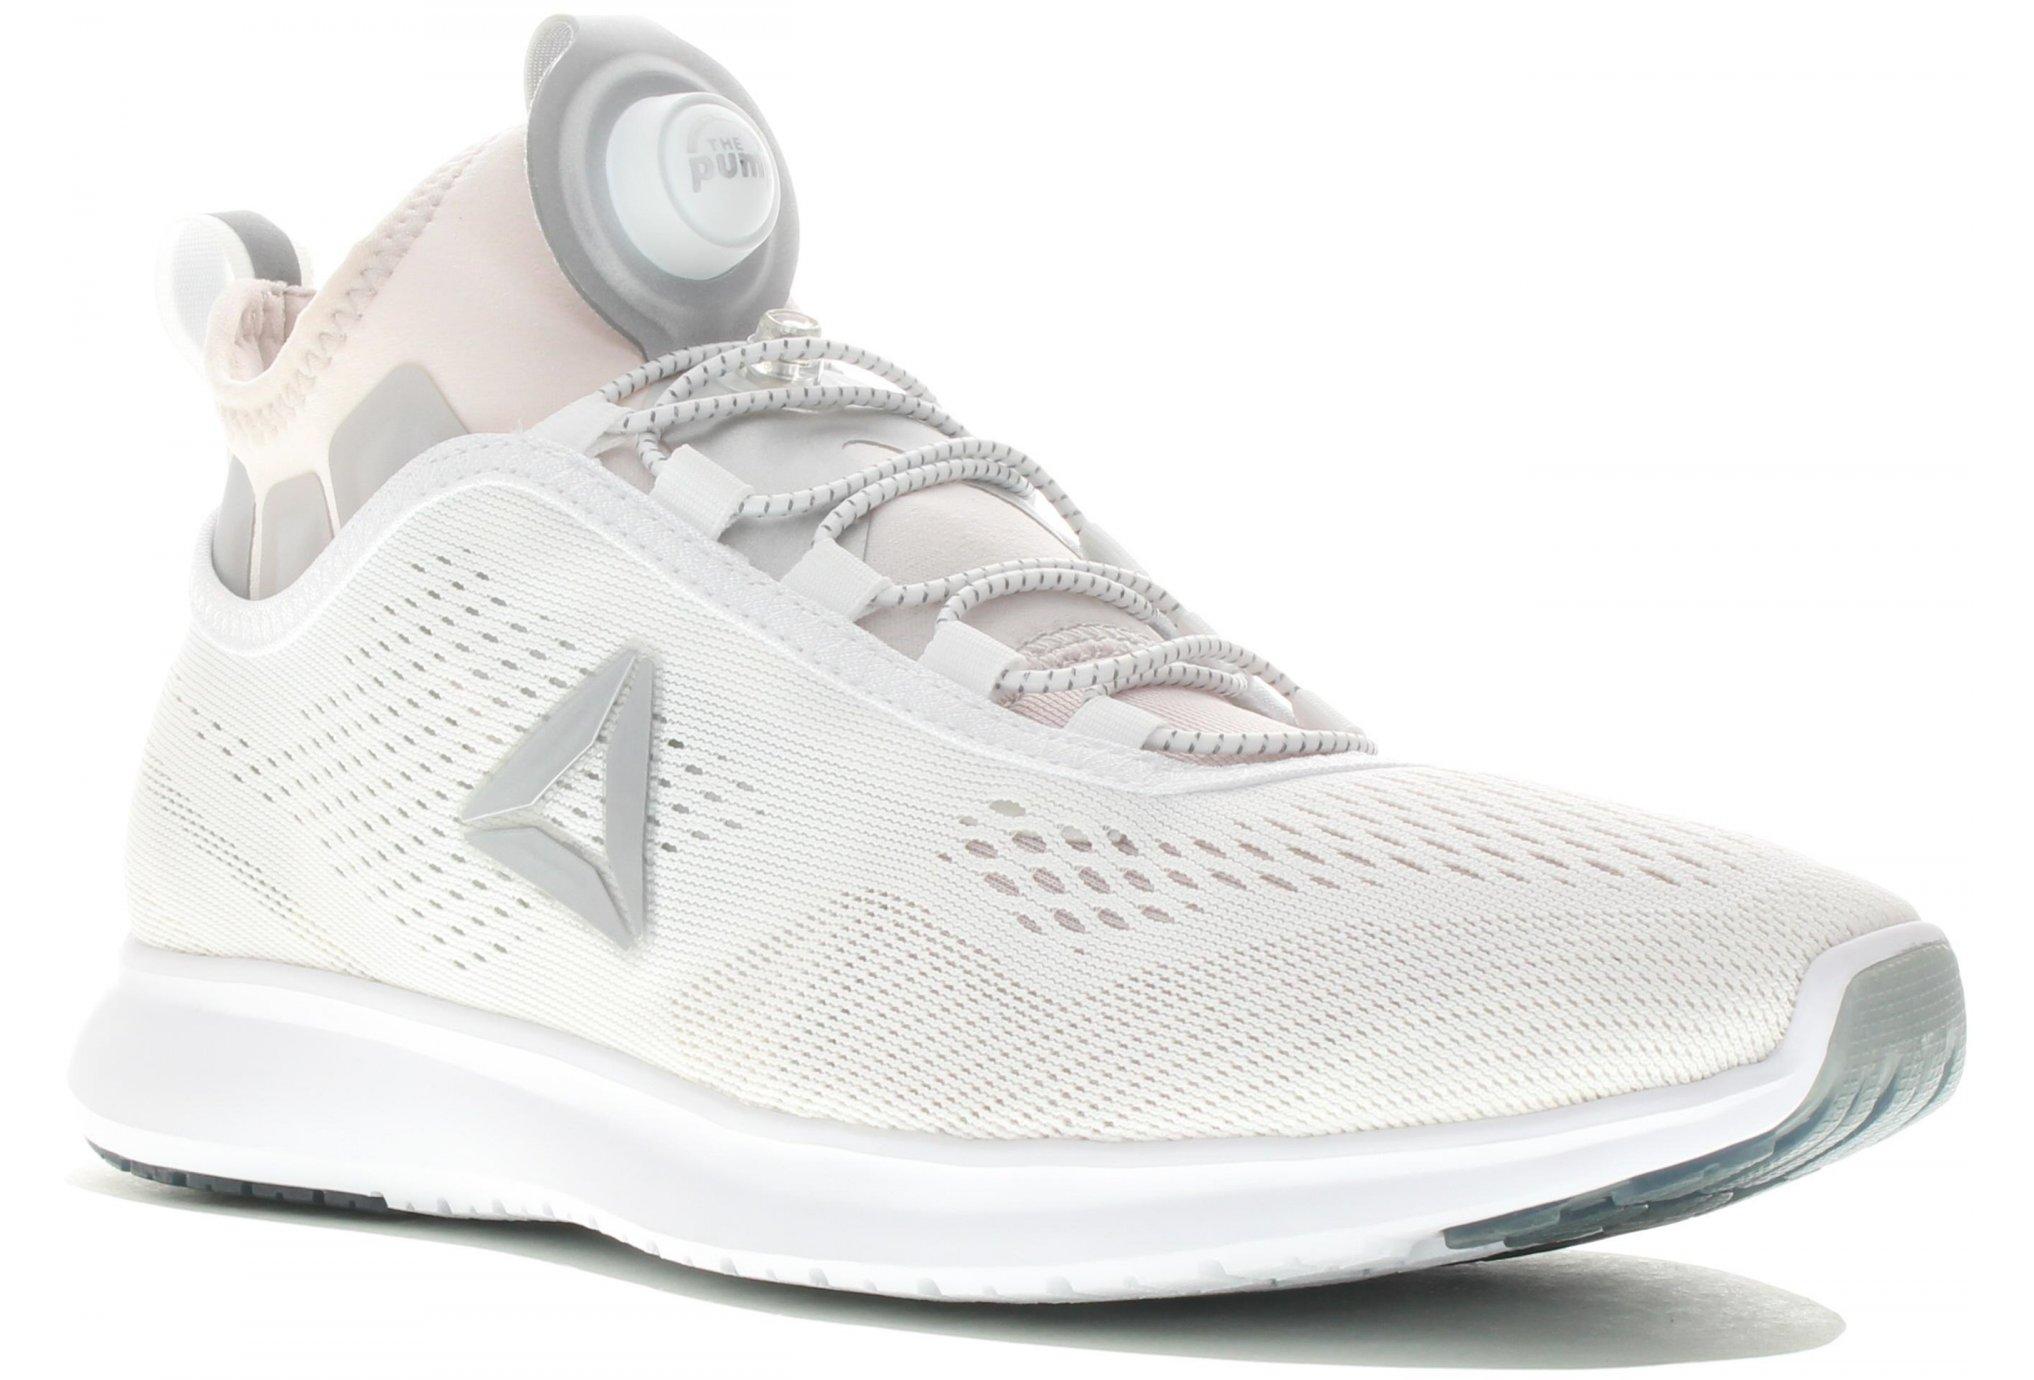 Reebok Pump Plus Tech W Diététique Chaussures femme